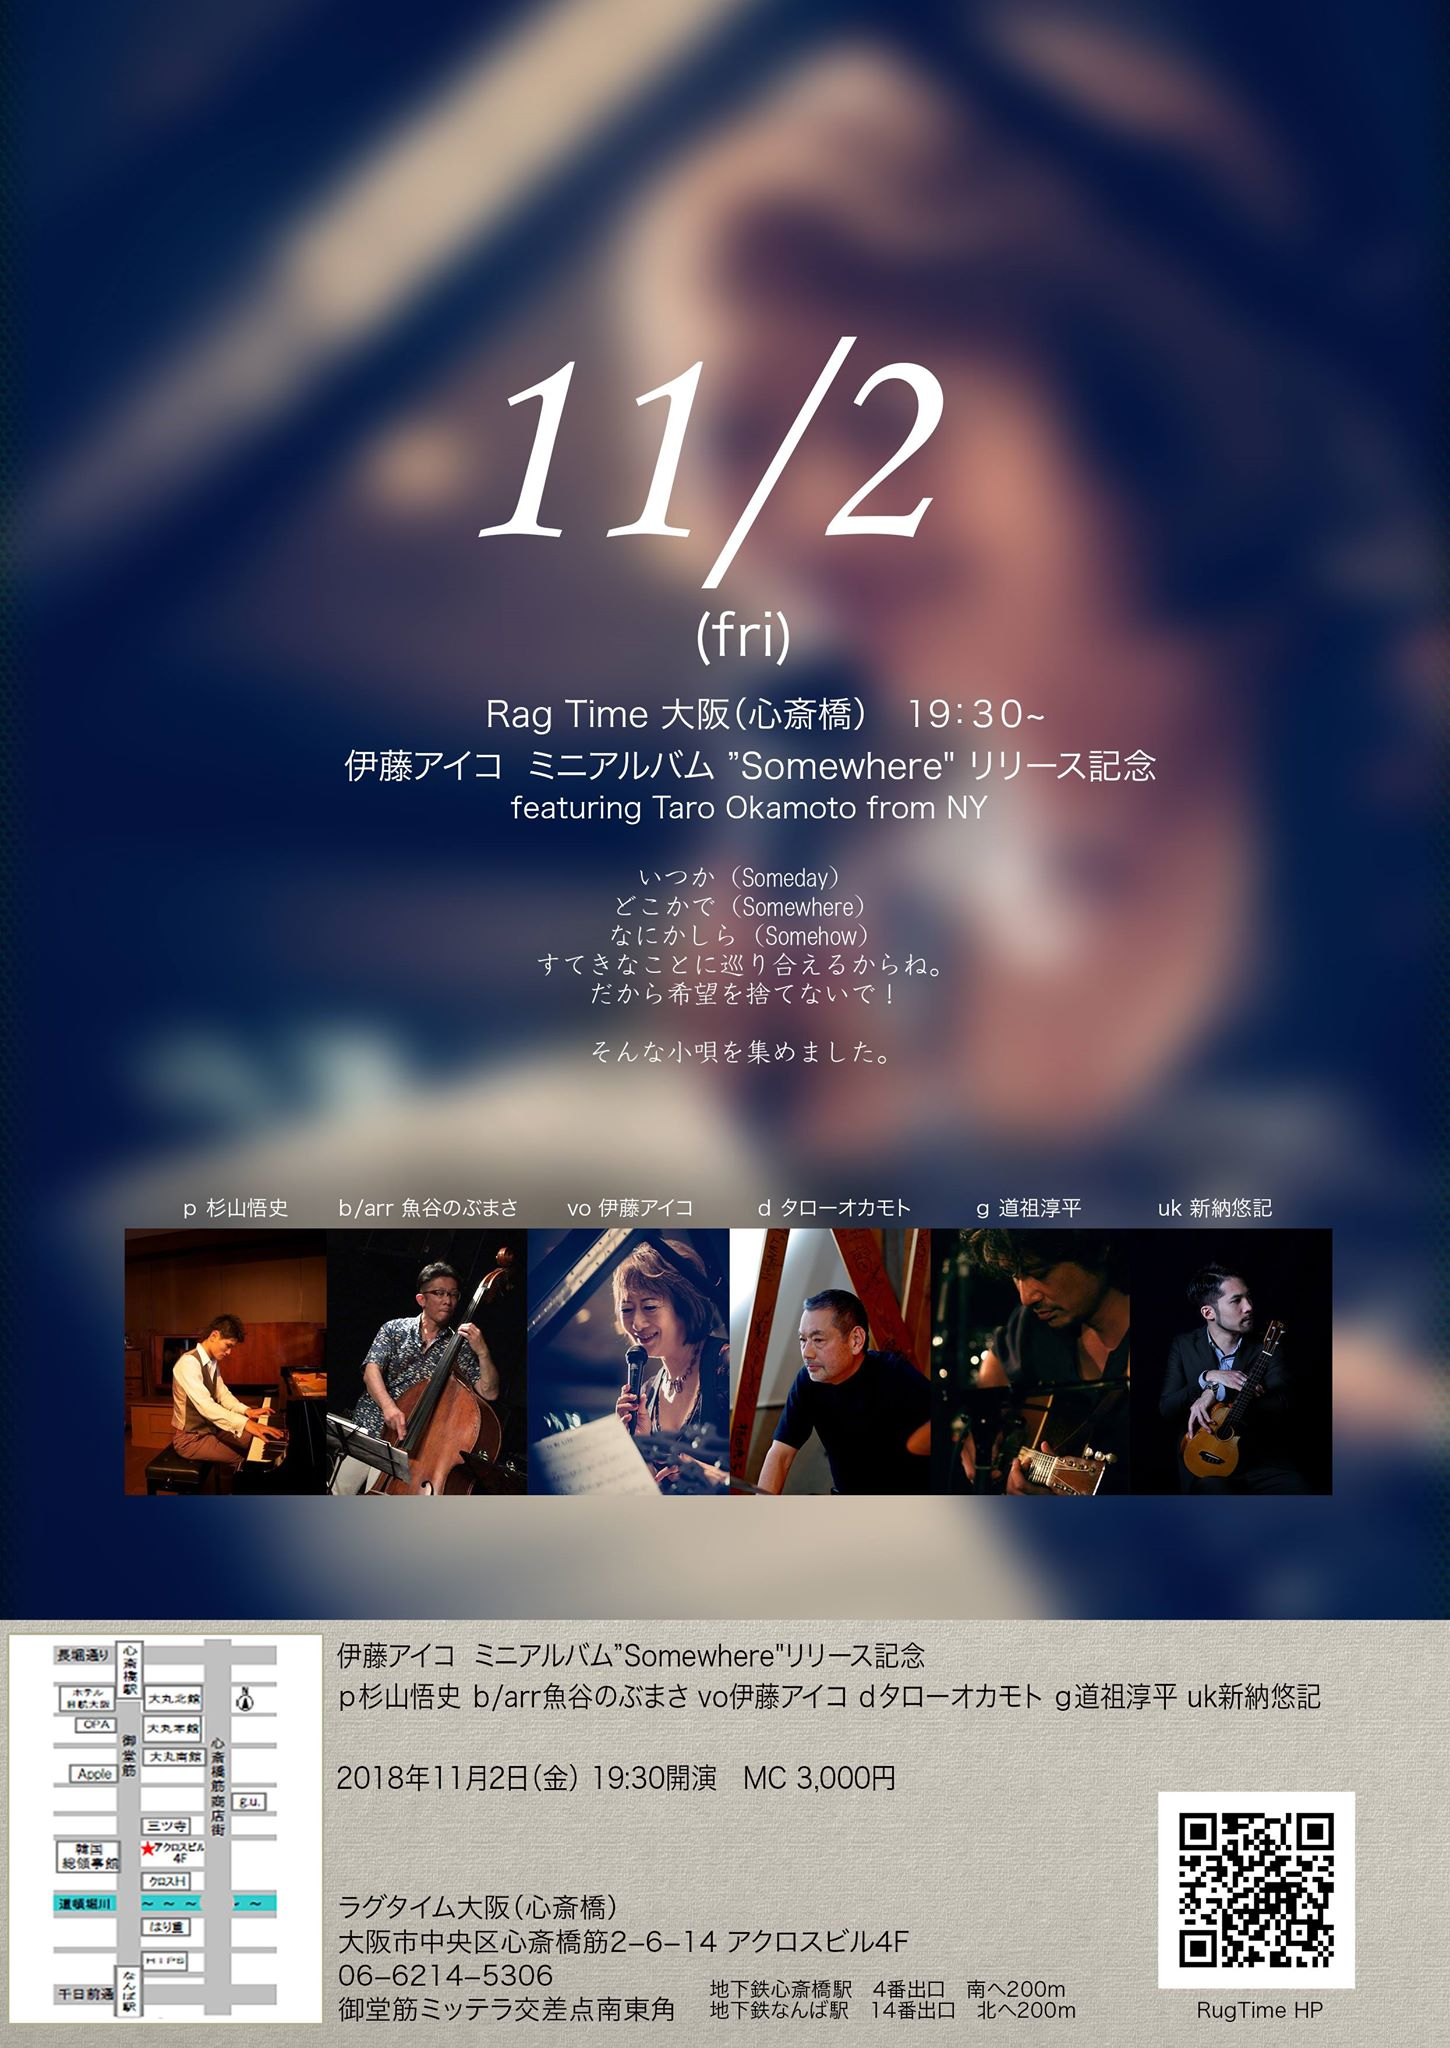 11月2日(金)ミニアルバムリリース記念ライブ @ラグタイム大阪(心斎橋)